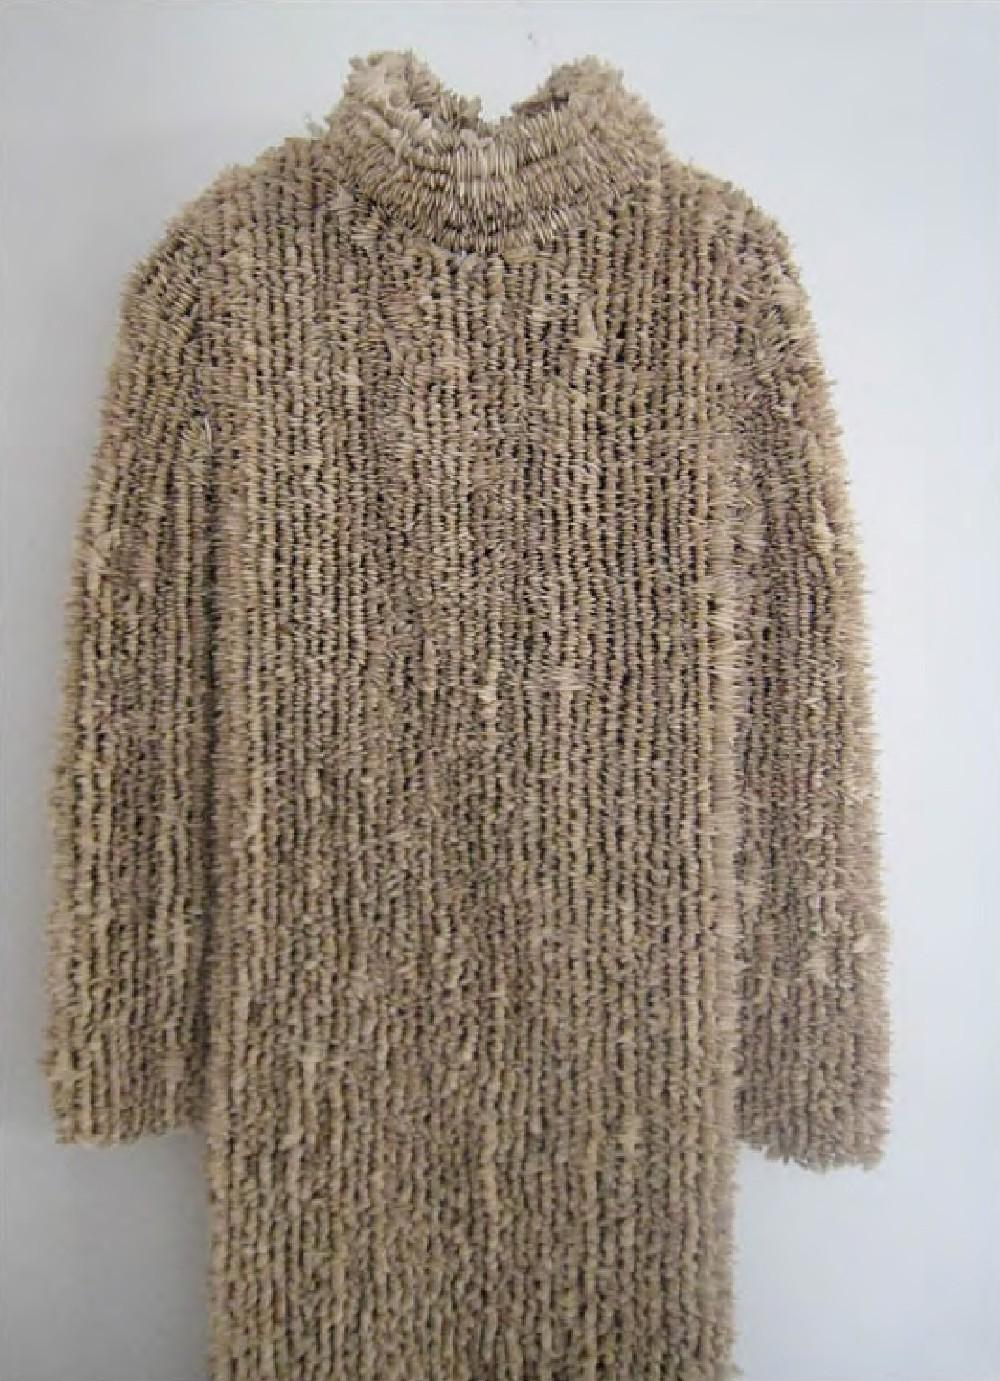 Xawery Wolski, Sukienka, 2009, nasiona dyni, tkanina nylonowa, 166x53x14 cm